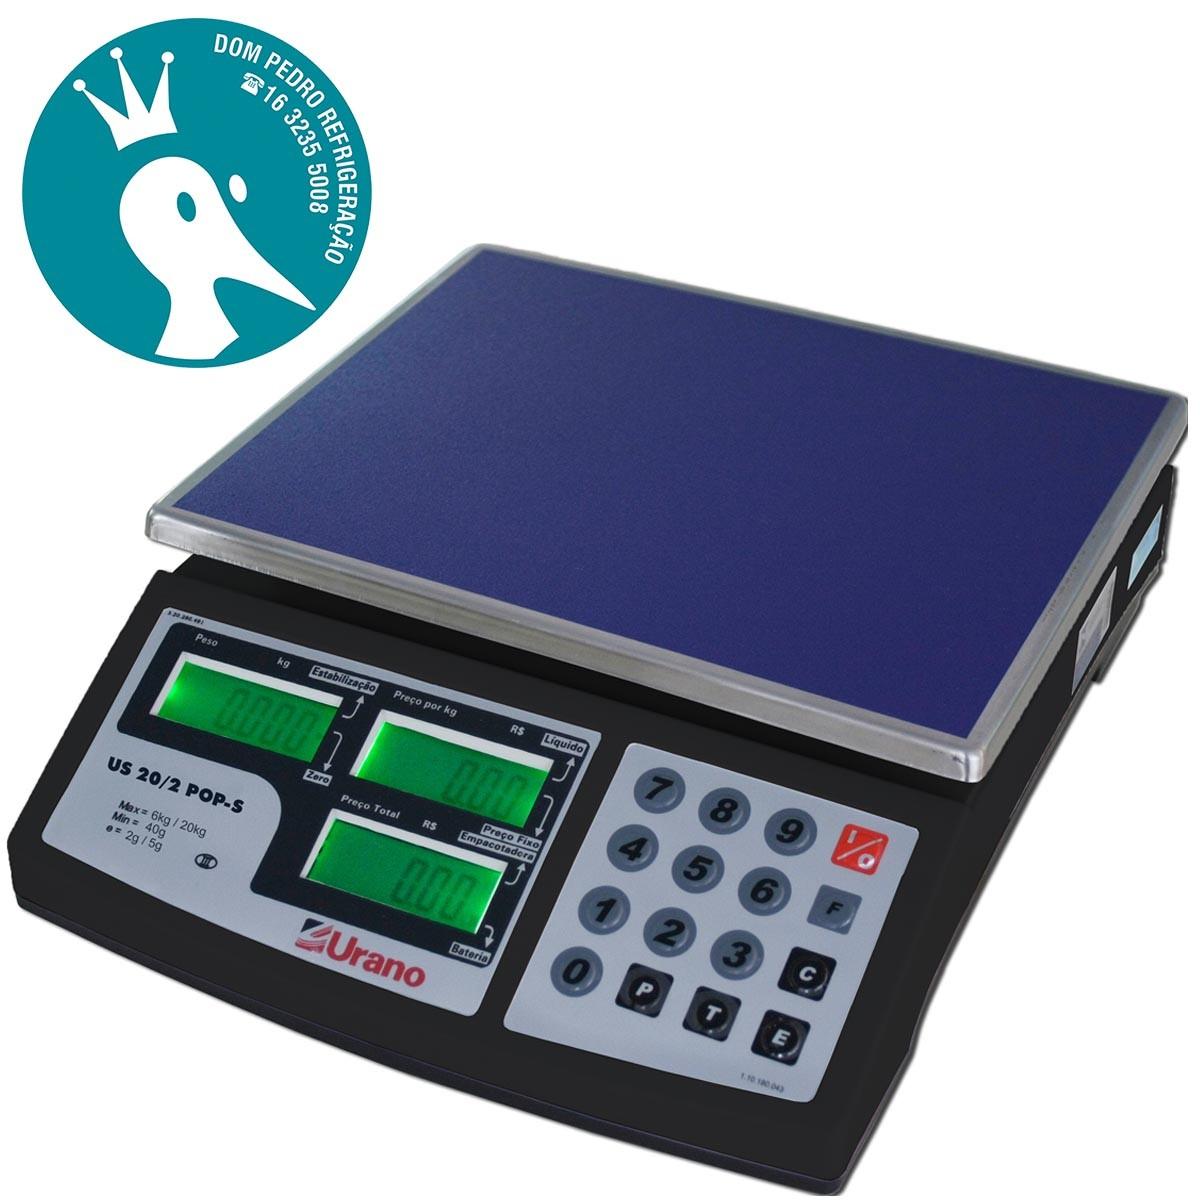 Balança Eletrônica Digital Computadora - POP-S 20/2 - Bateria - Urano